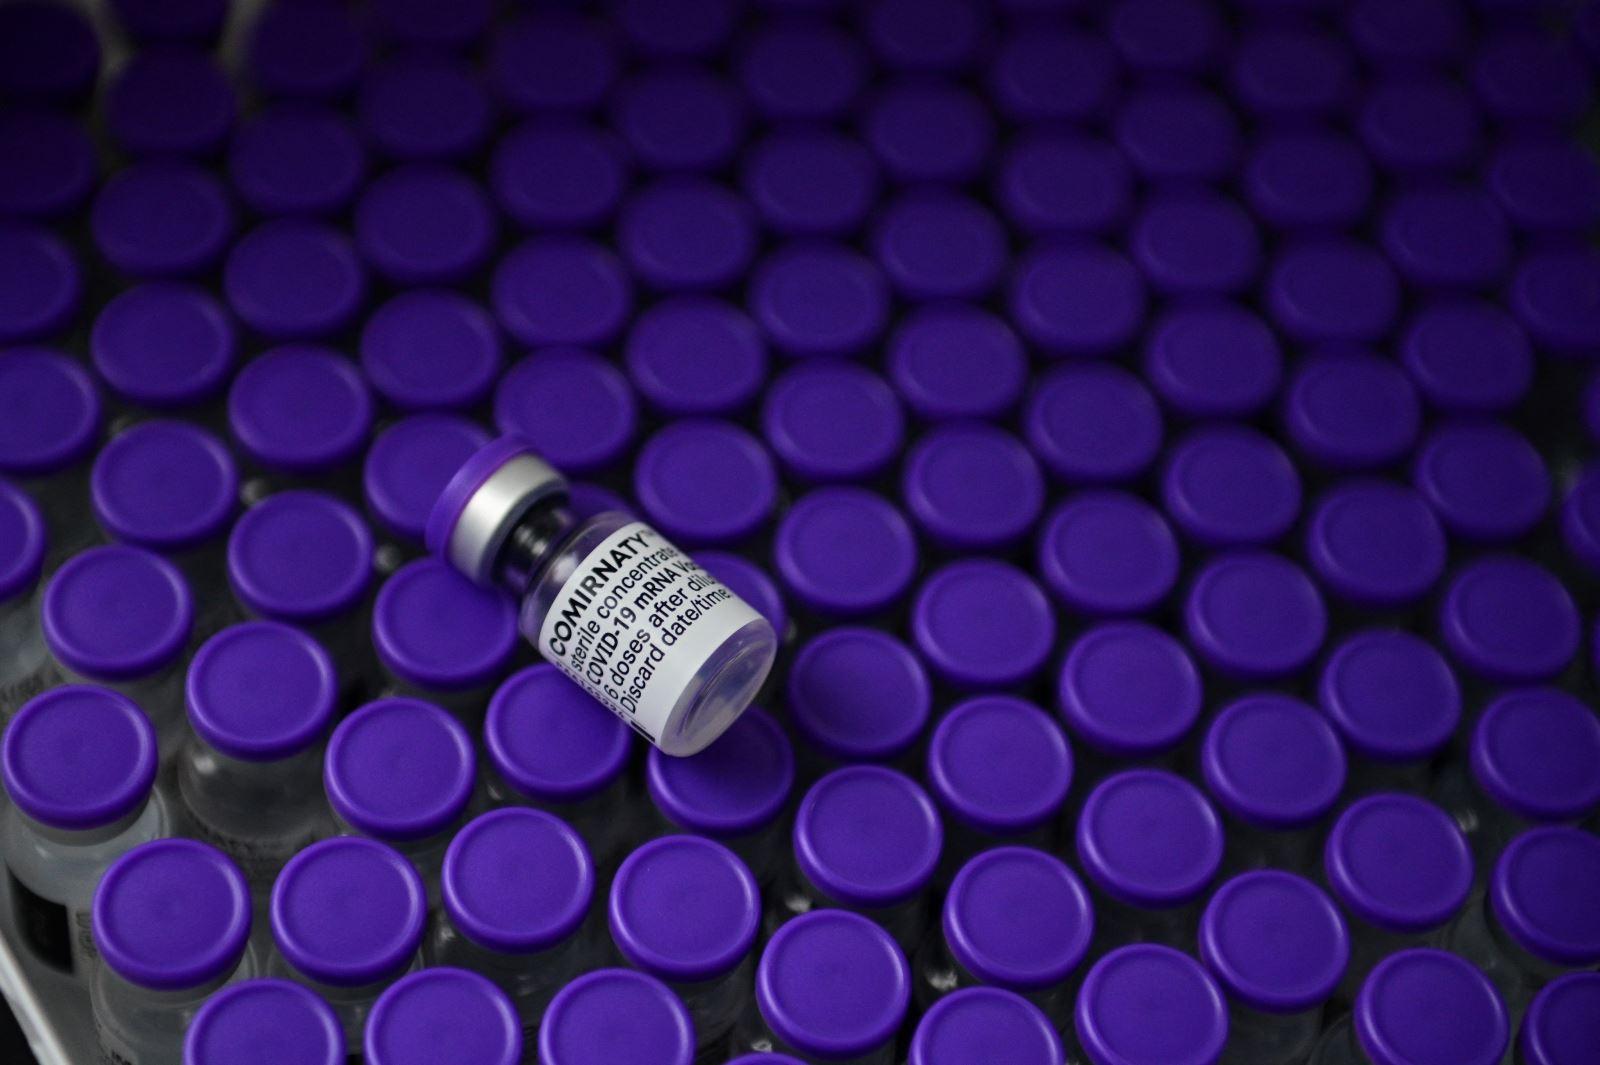 Vaccine ngừa COVID-19 của hãng dược phẩm Pfizer/BioNTech. Ảnh: AFP/TTXVN